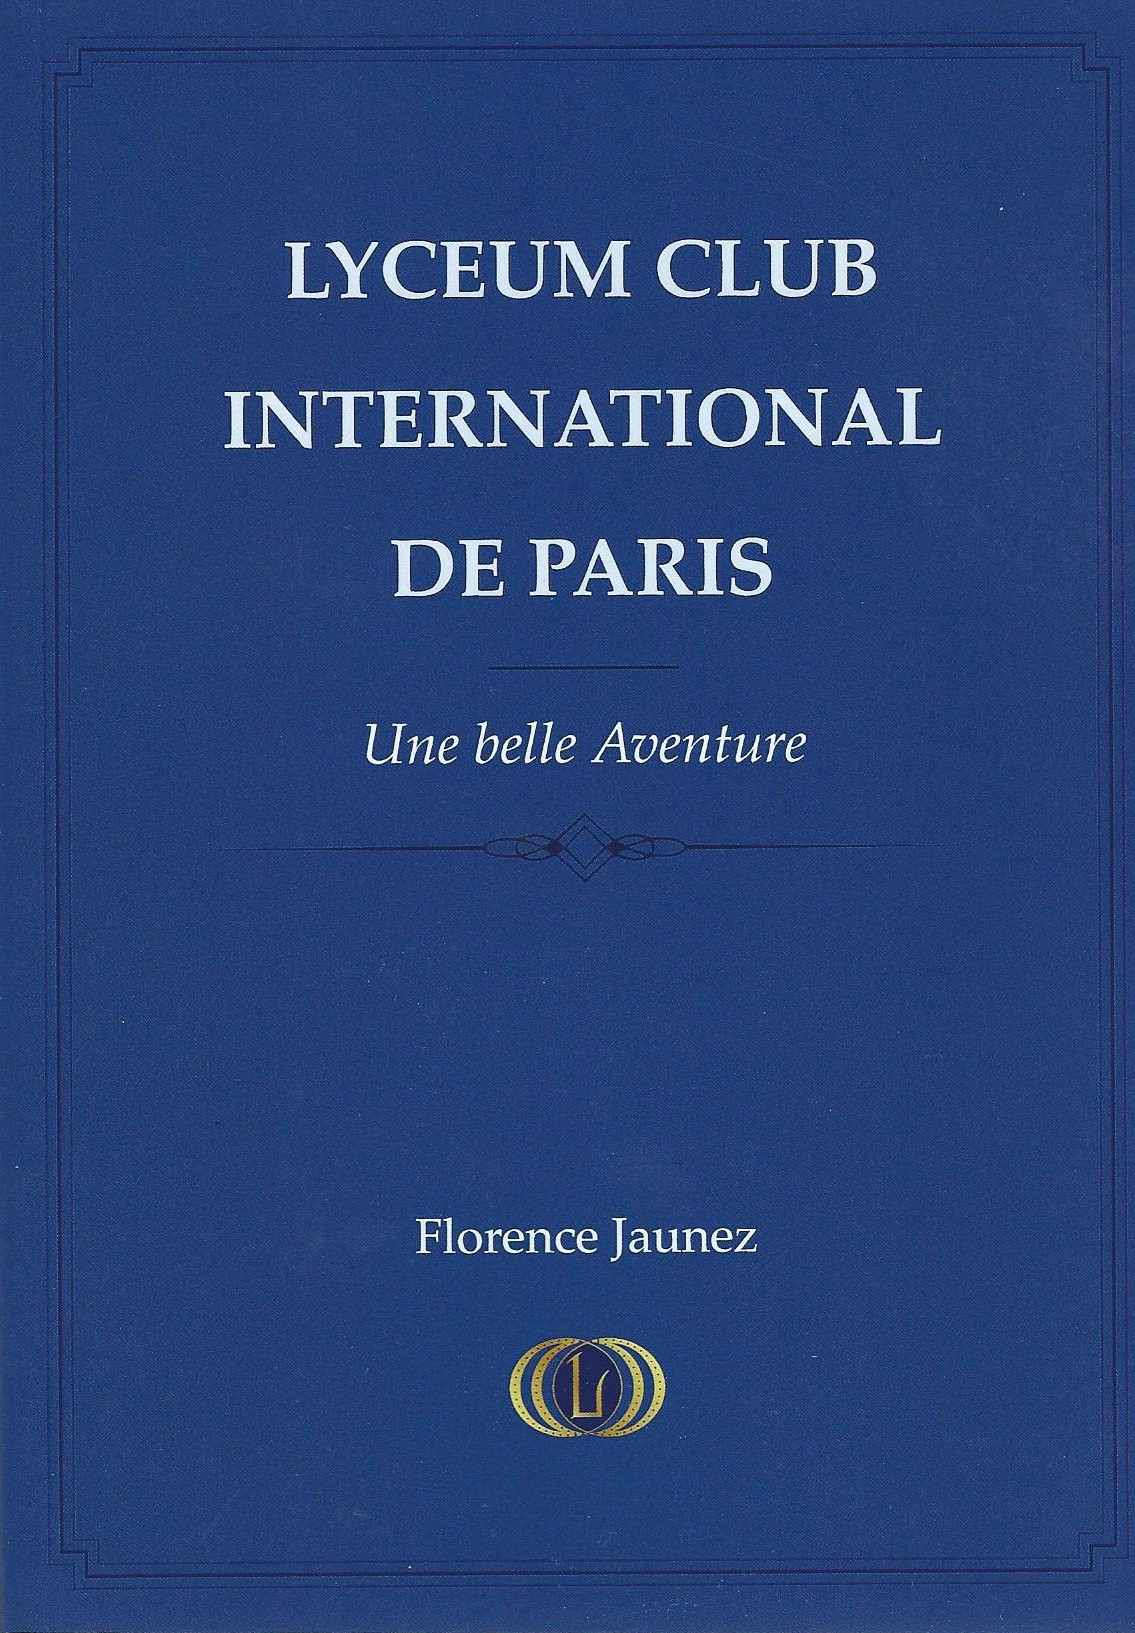 1° couve Lyceum